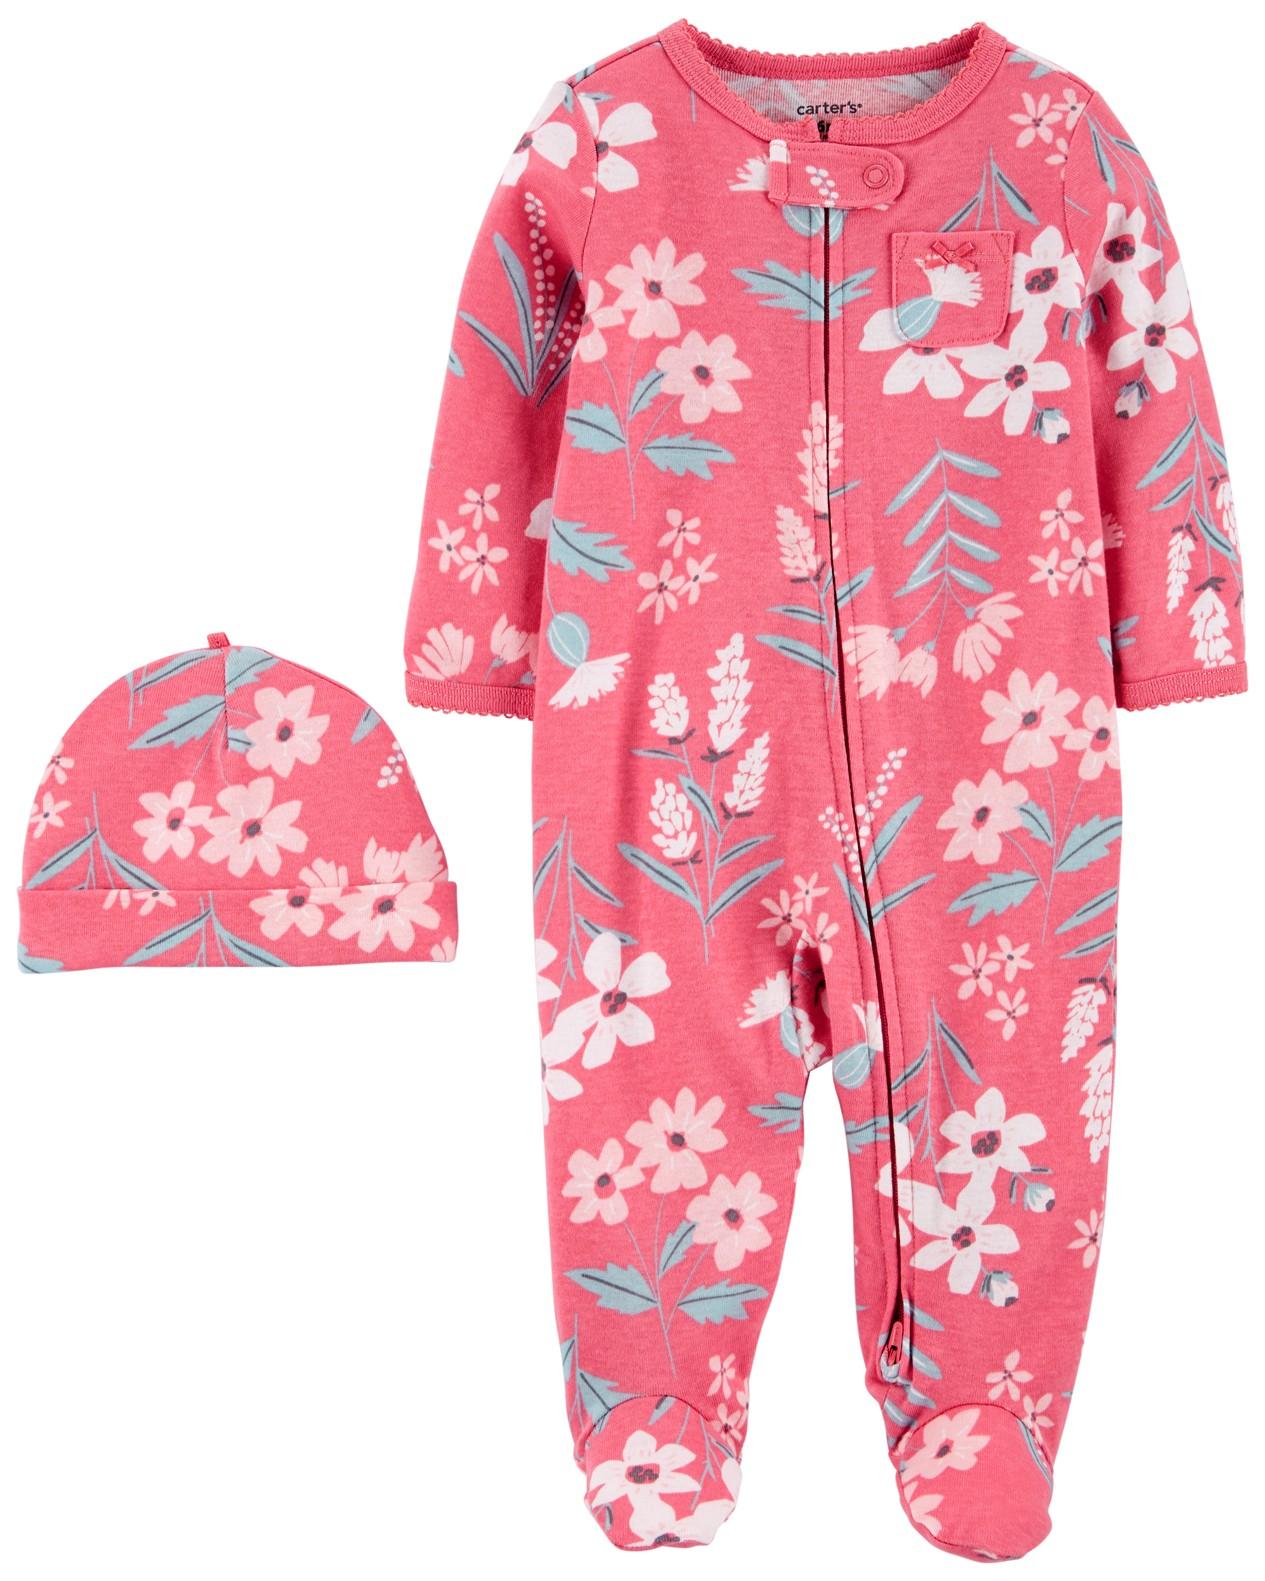 CARTER'S Set 2dielny overal na zips Sleep&Plays, čiapka Flowers dievča LBB 3m, veľ. 62